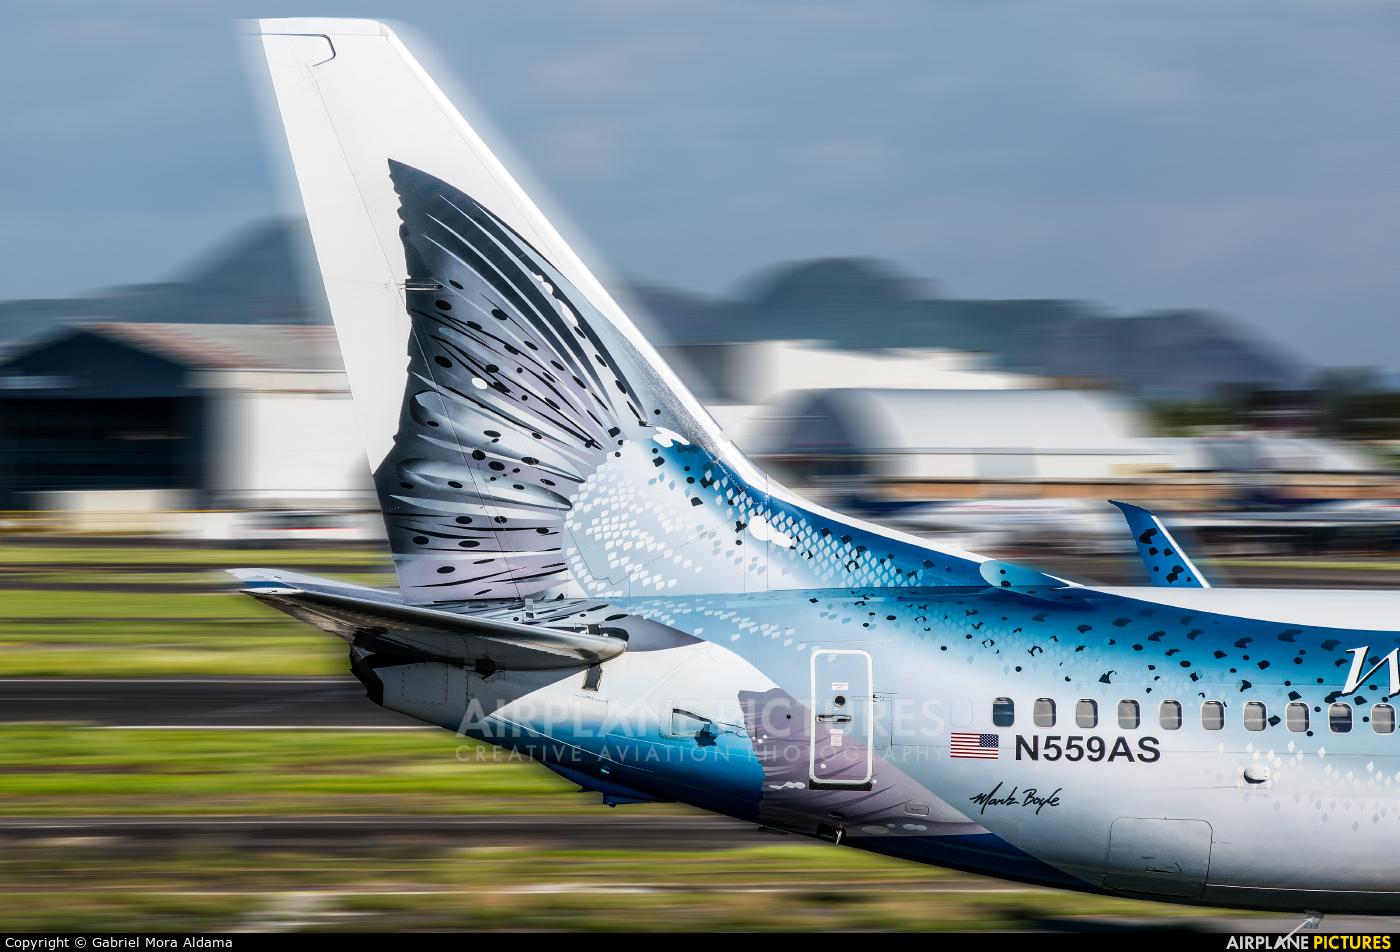 Alaska Airlines N559AS aircraft at Mexico City - Licenciado Benito Juarez Intl